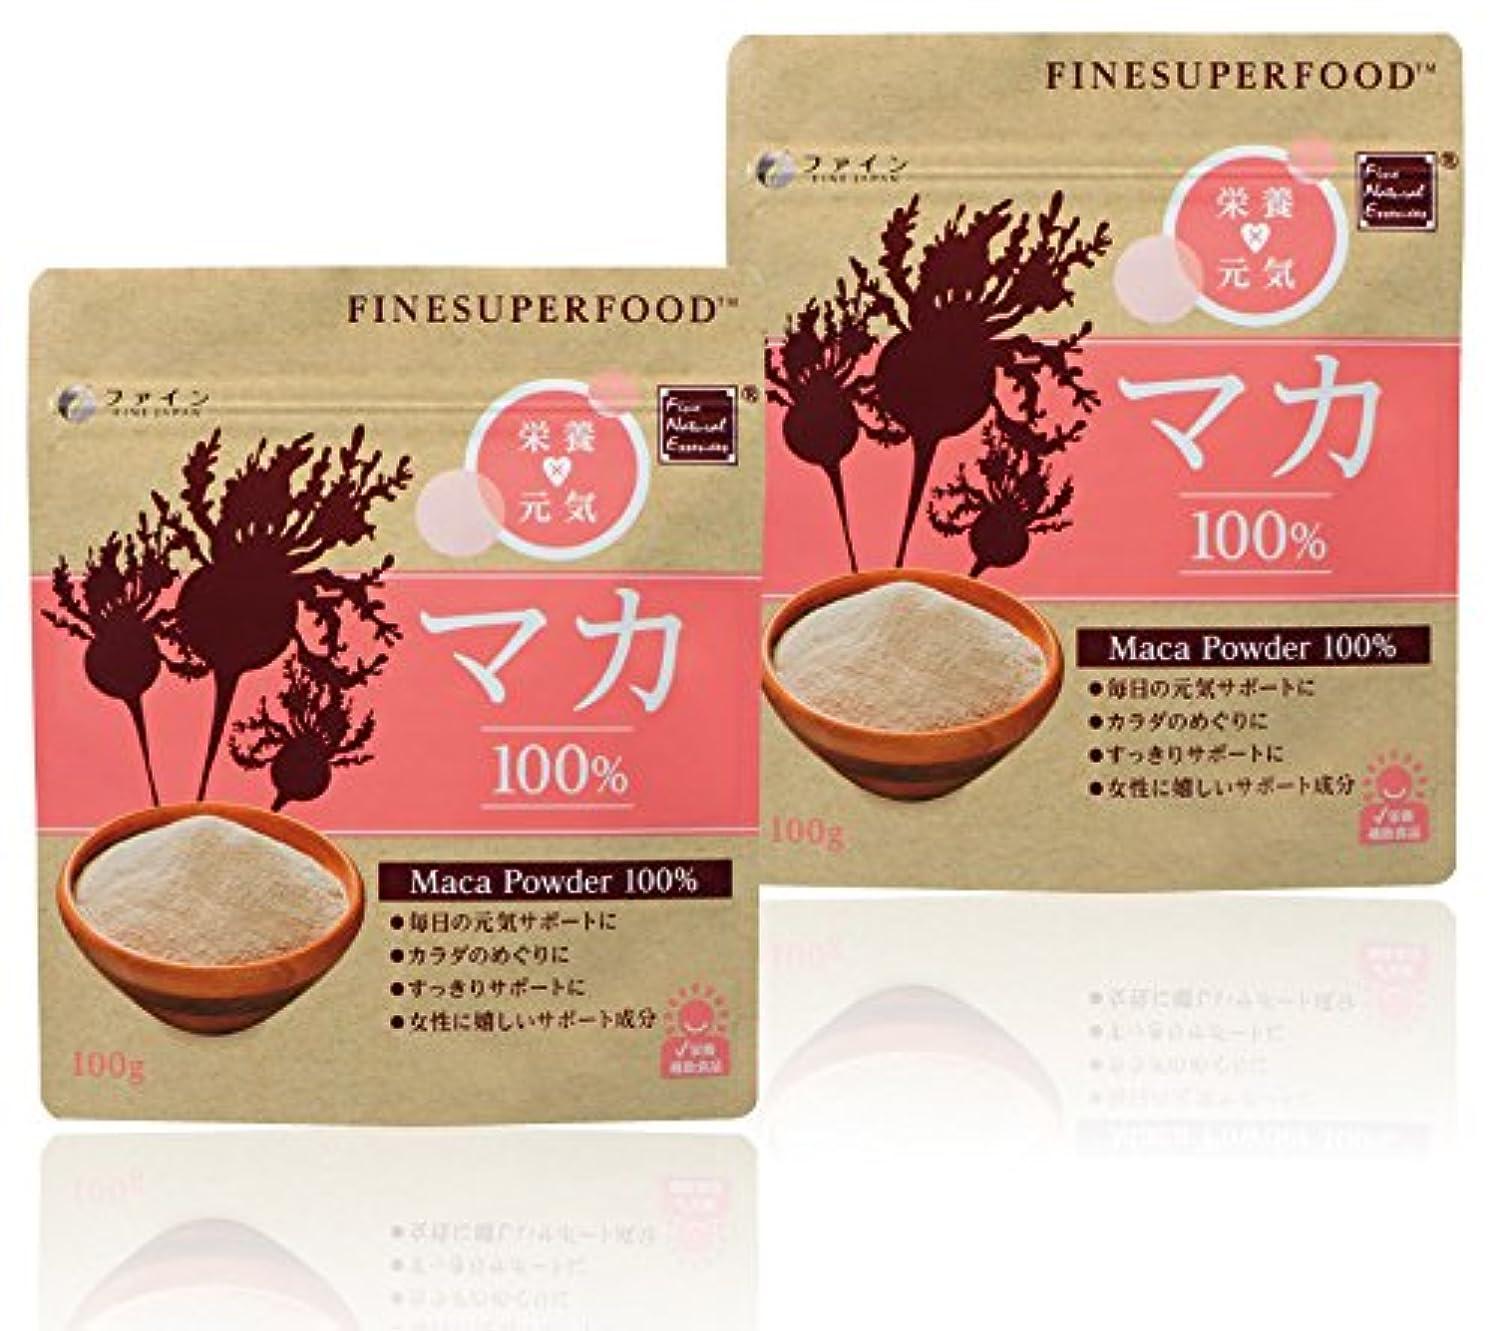 社会細断料理ファイン スーパーフード マカ100% 女性にうれしい成分豊富 使いやすい粉末タイプ (1日1.5g/100g入)×2個セット